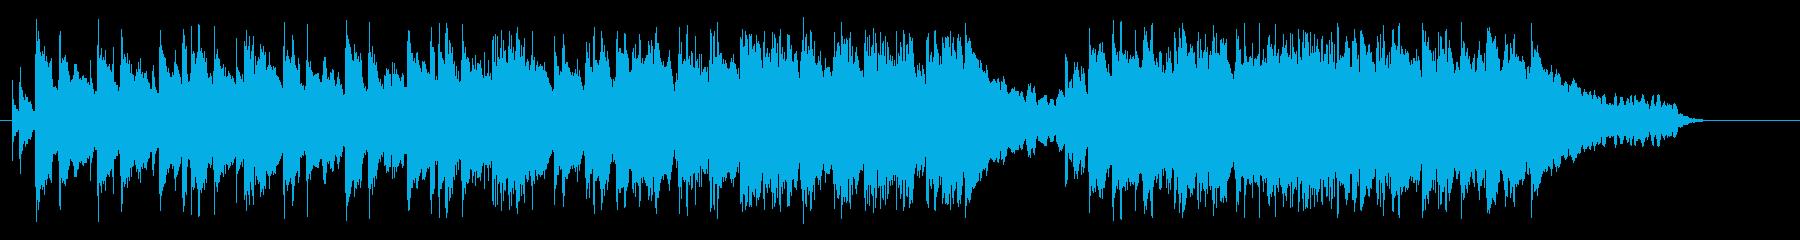 おだやかな展開のポップ・バラードの再生済みの波形